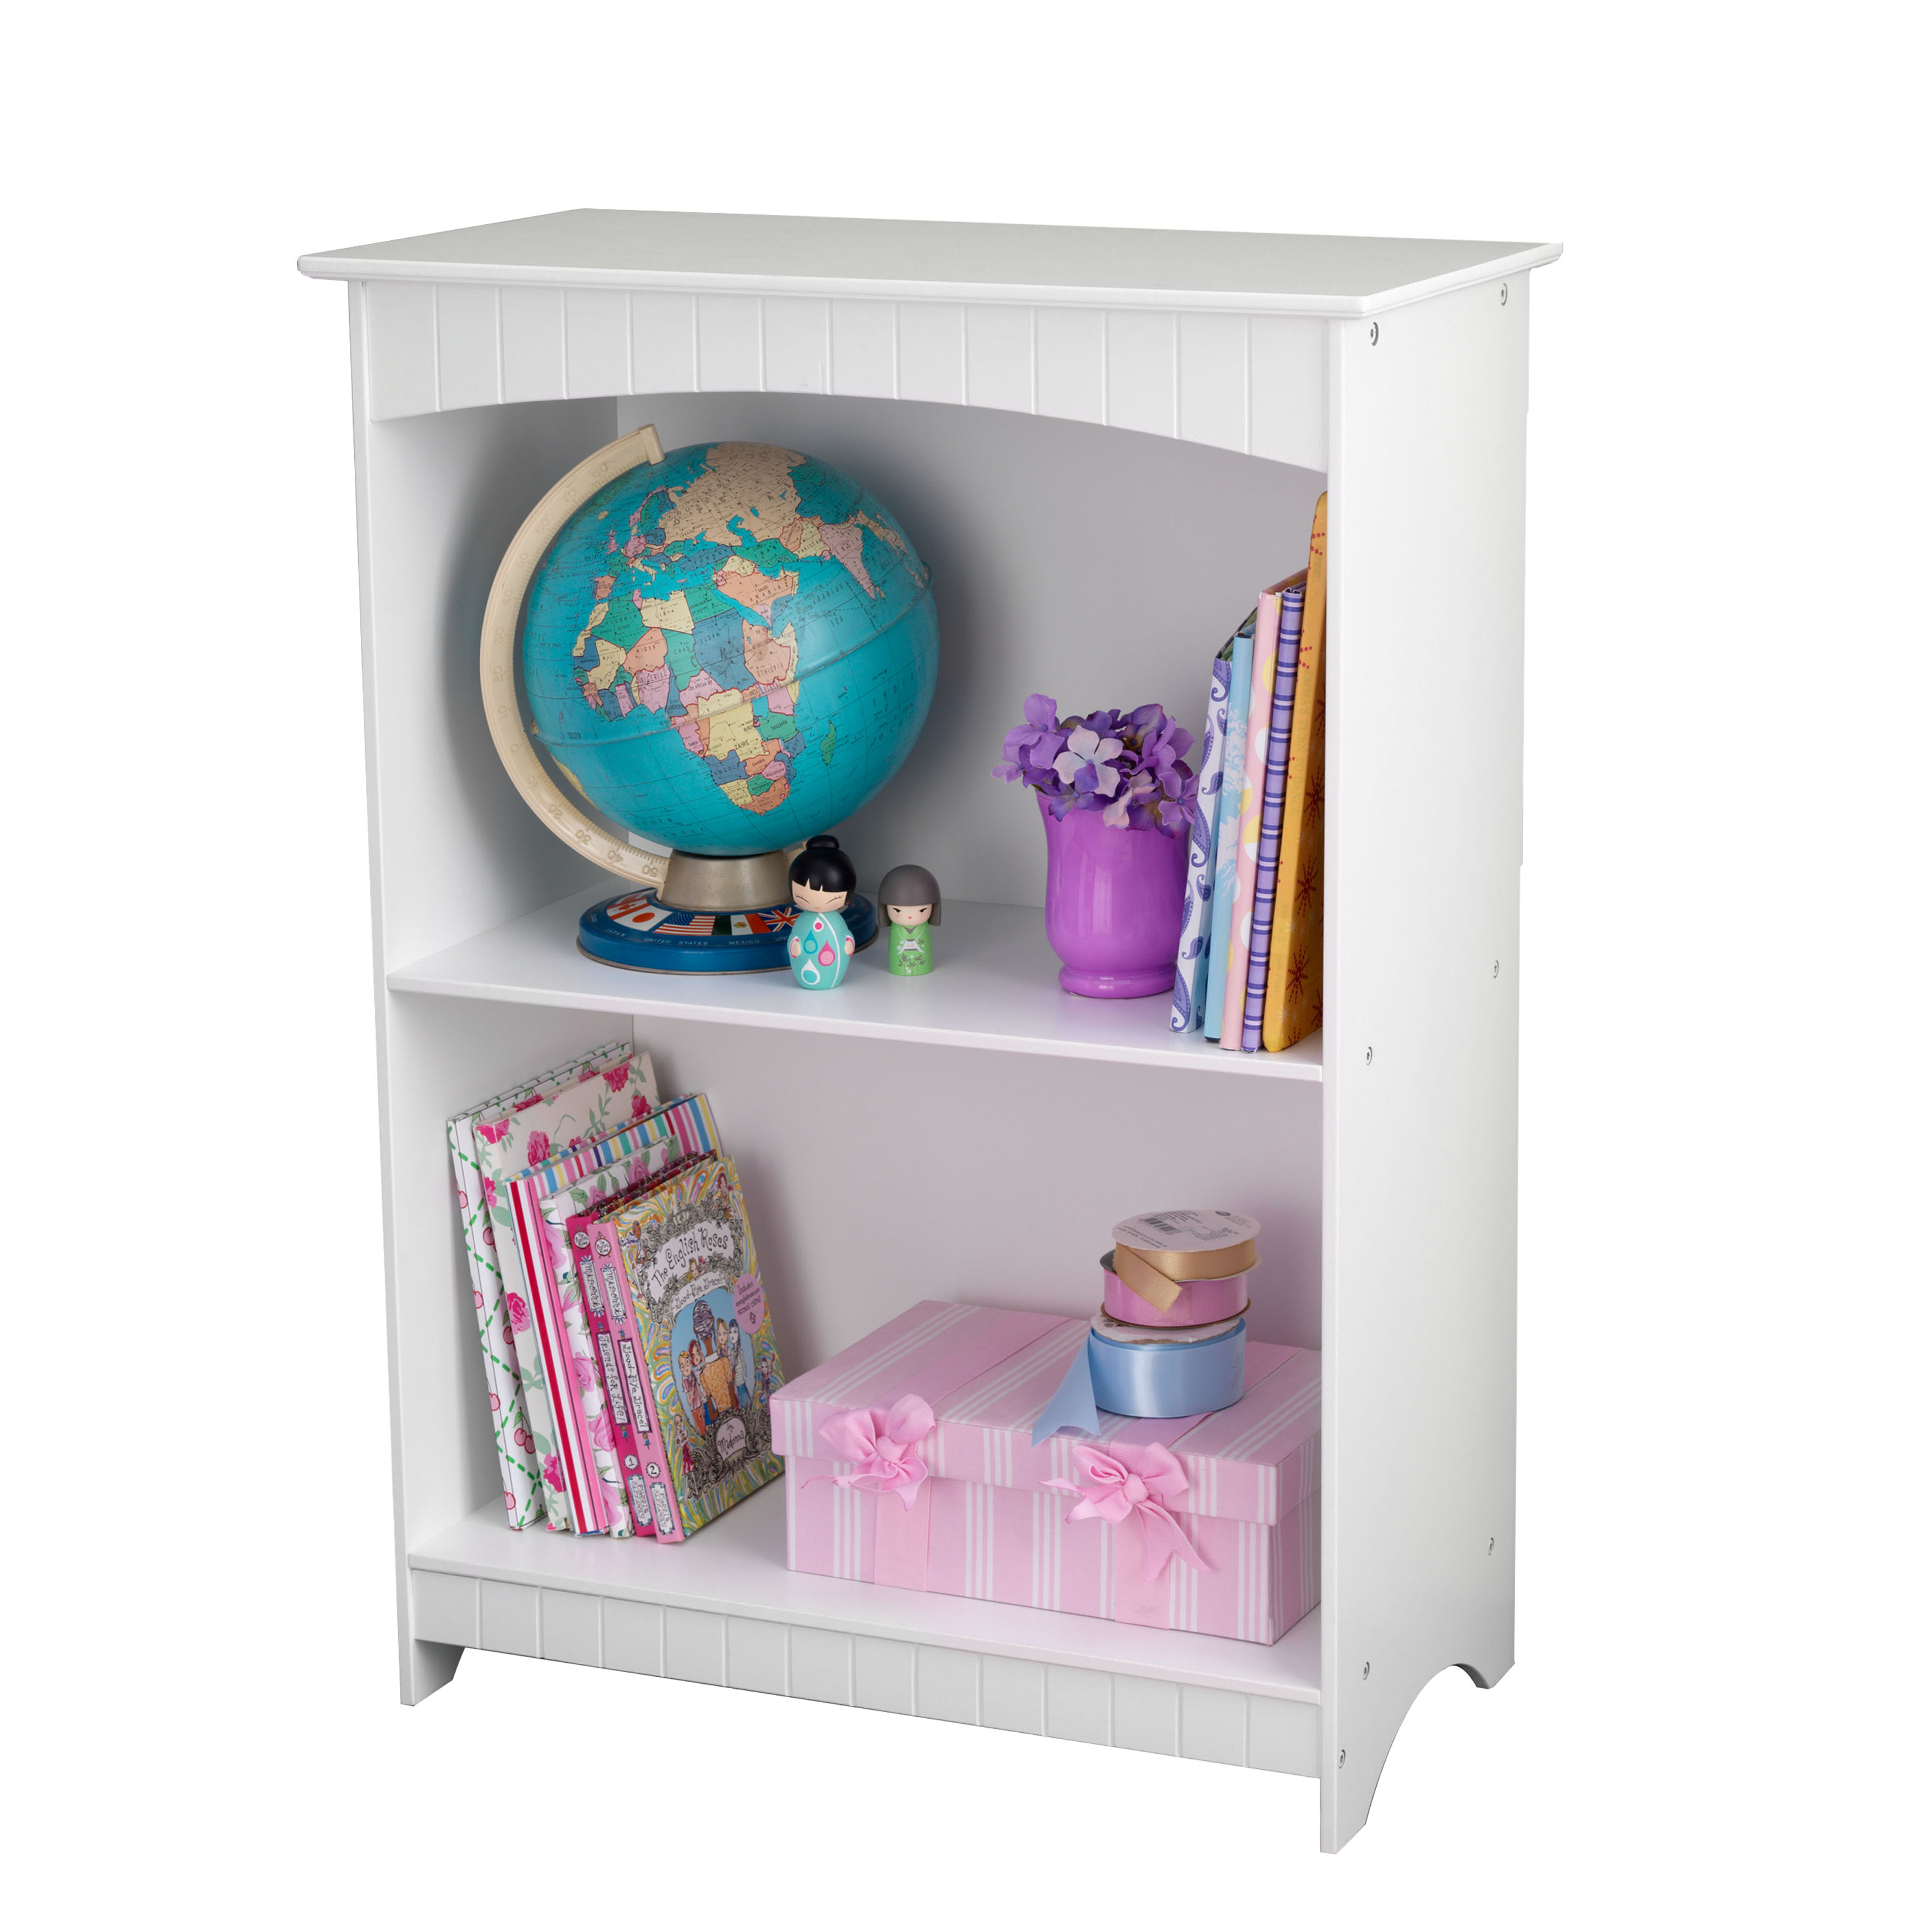 Kidkraft Avalon Furniture